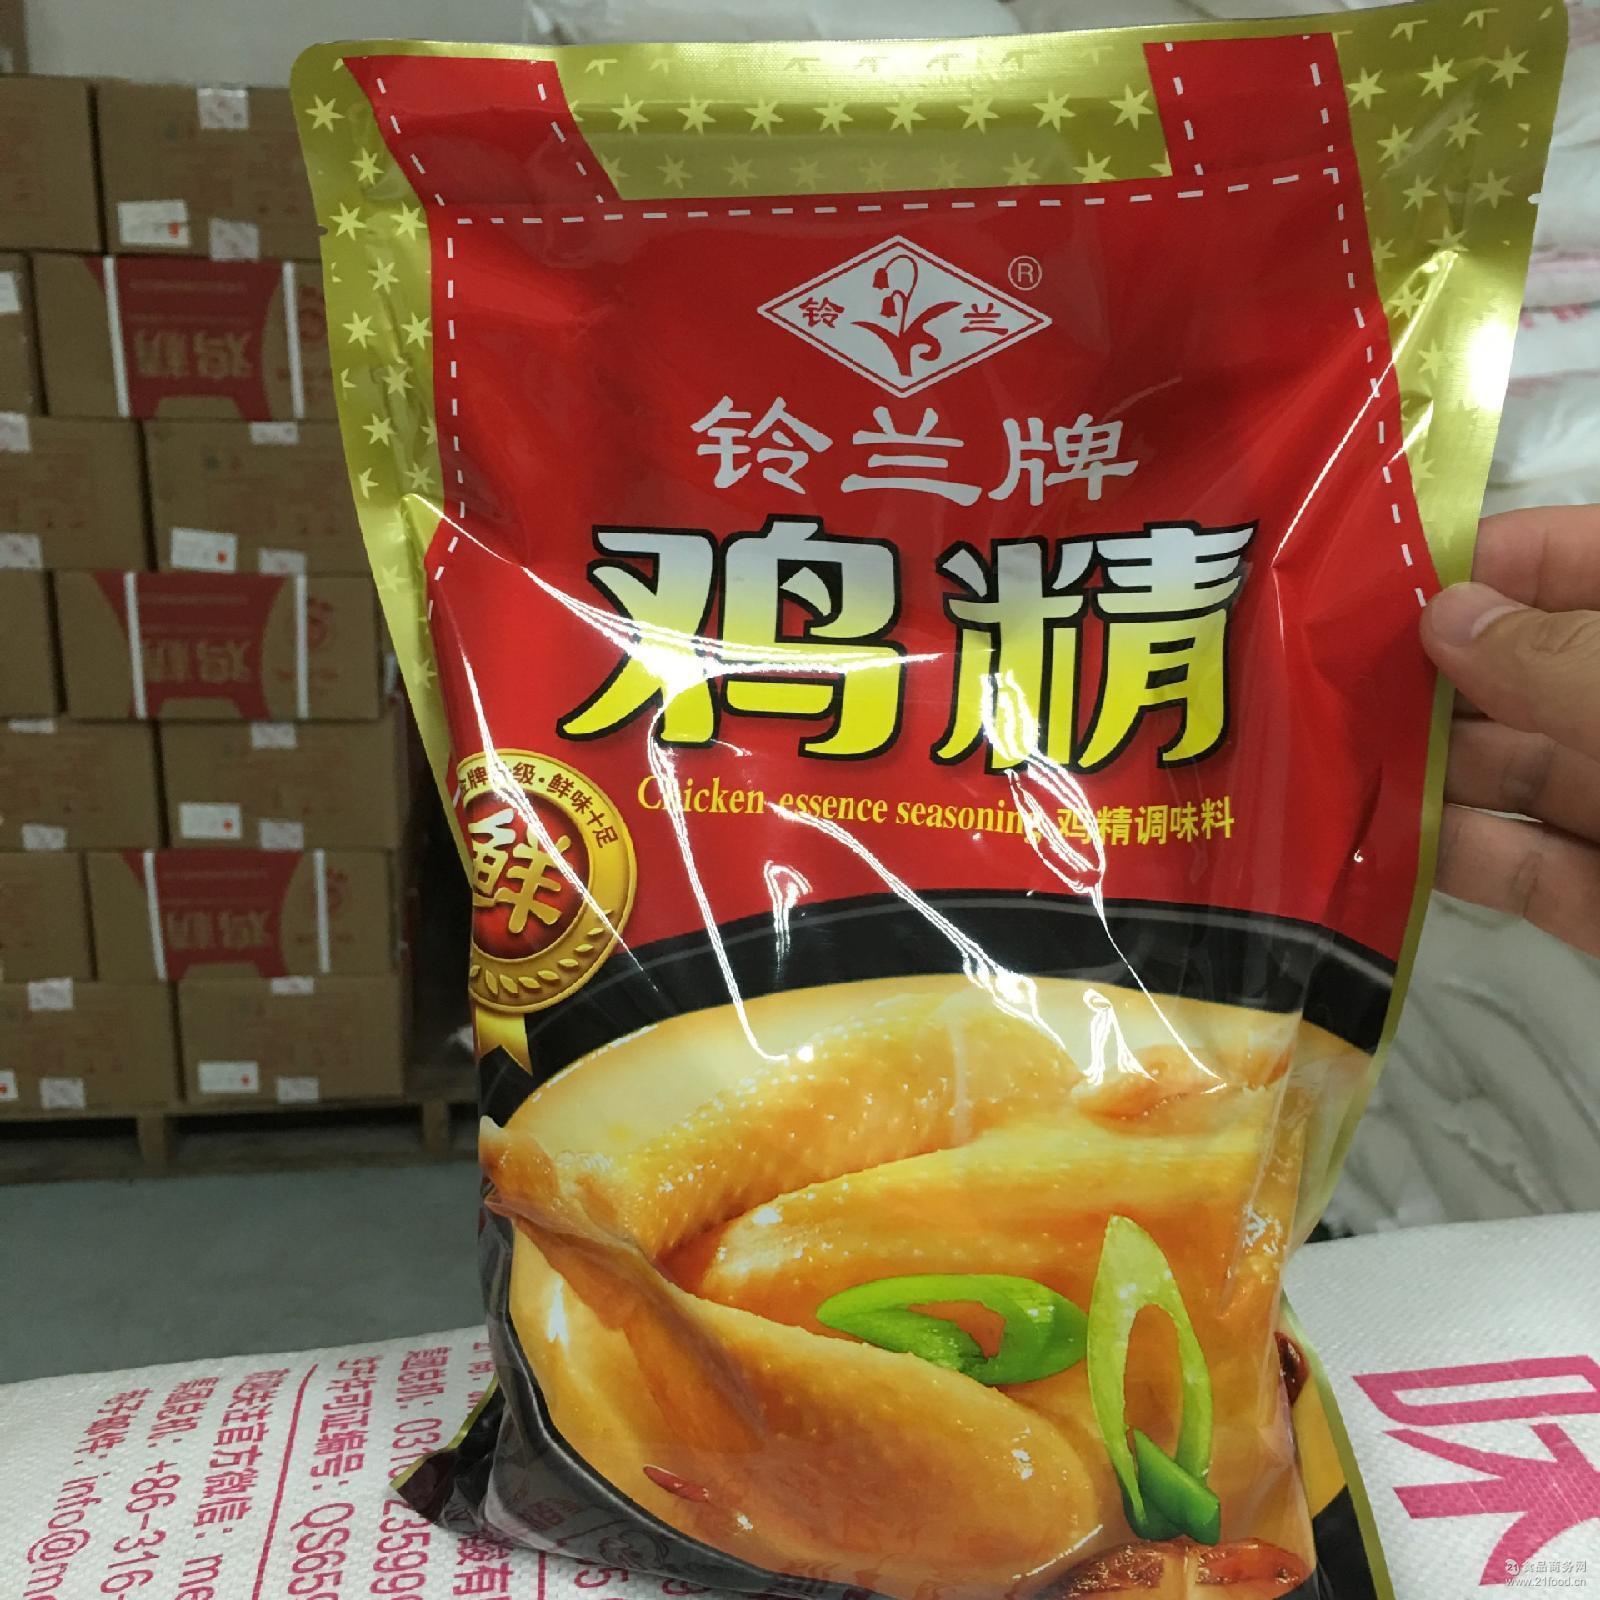 批发供应山东名牌鸡精铃兰鸡精900g鸡精支持混批